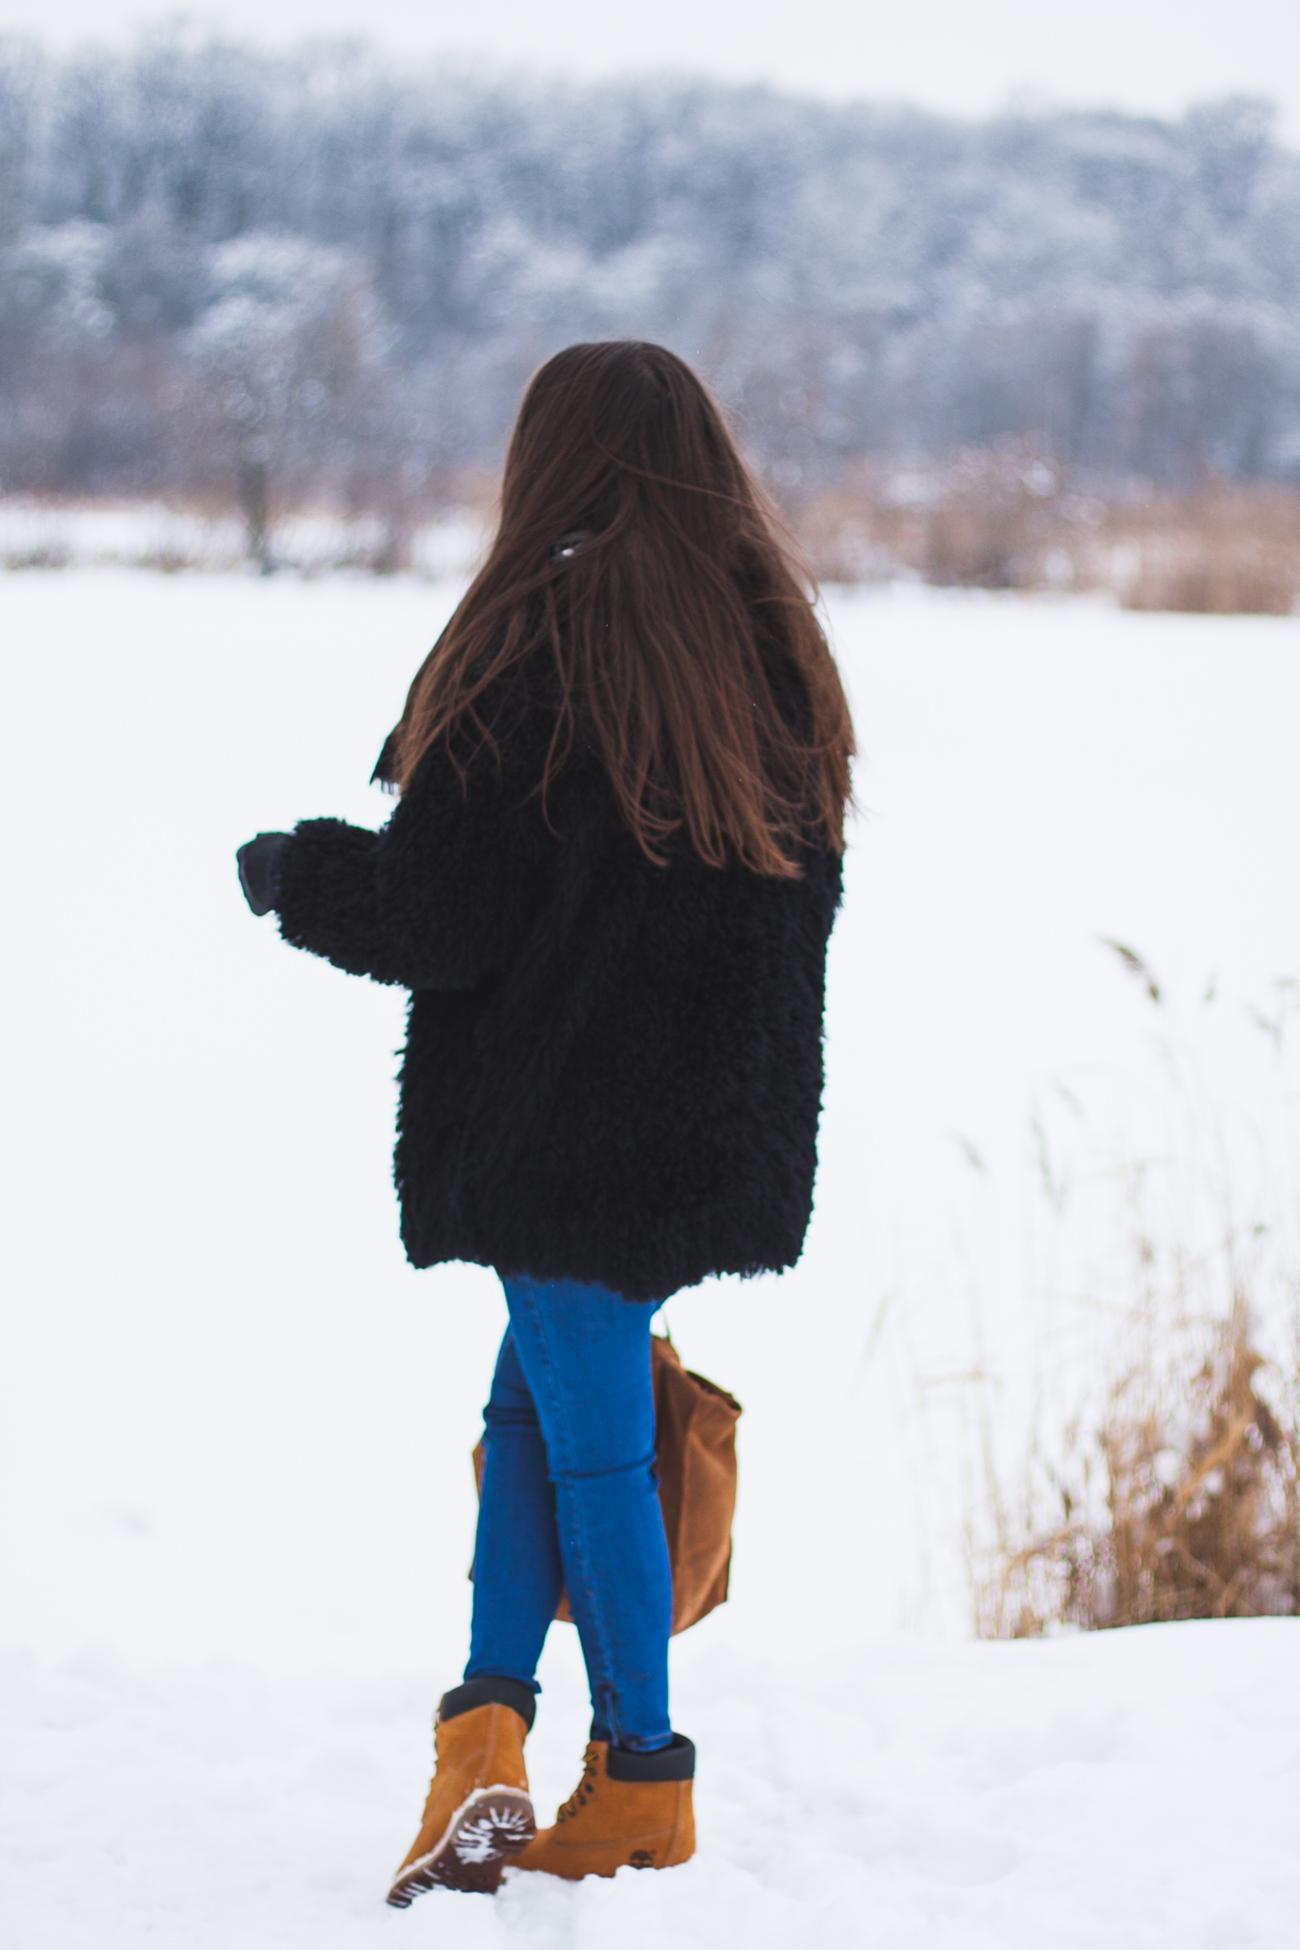 zimowe timberlandy stylizacja